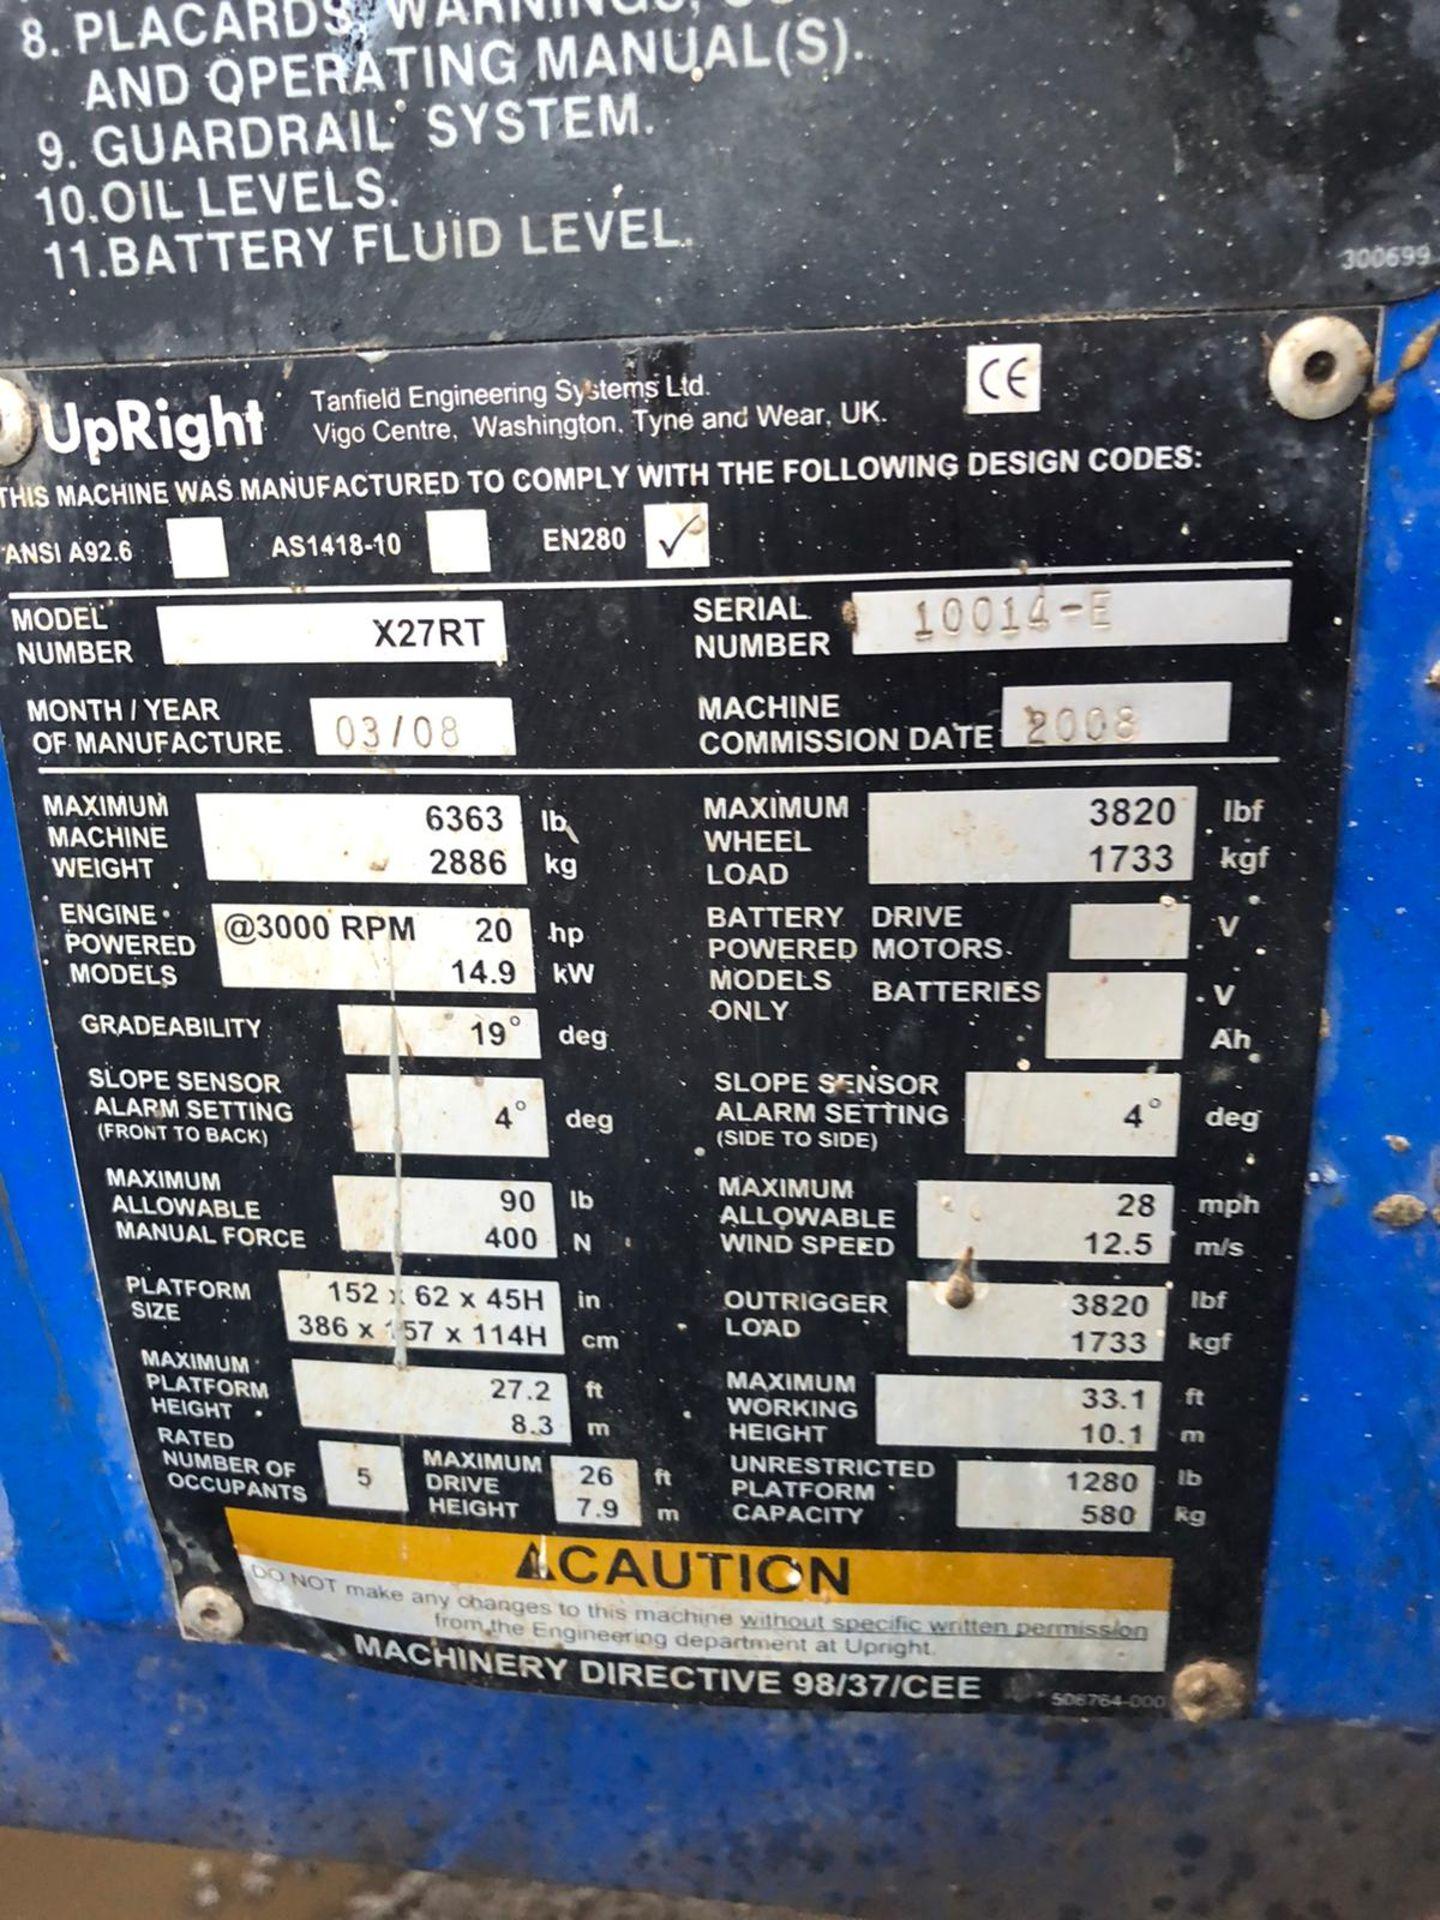 Lot 106 - UPRIGHT X27RT 4X4 SCISSOR LIFT, RUNS AND WORKS WELL, 4 WHEEL DRIVE, YEAR 2008 *PLUS VAT*